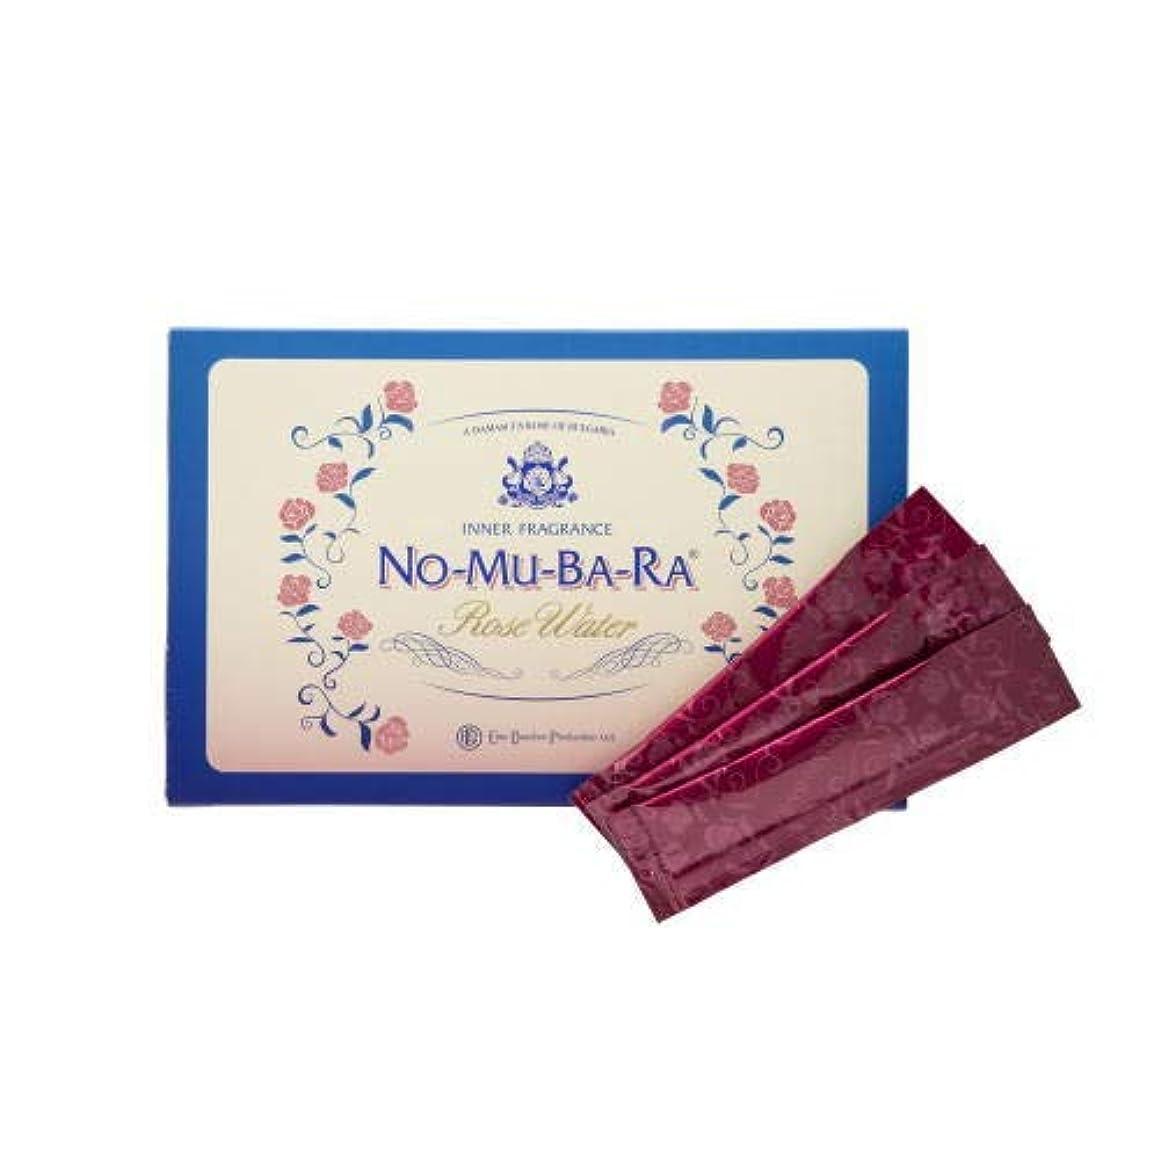 距離しかし影響力のあるNO-MU-BA-RA NO-MU-BA-RA(ノムバラ)(35包入)×2箱【モンドセレクション受賞】